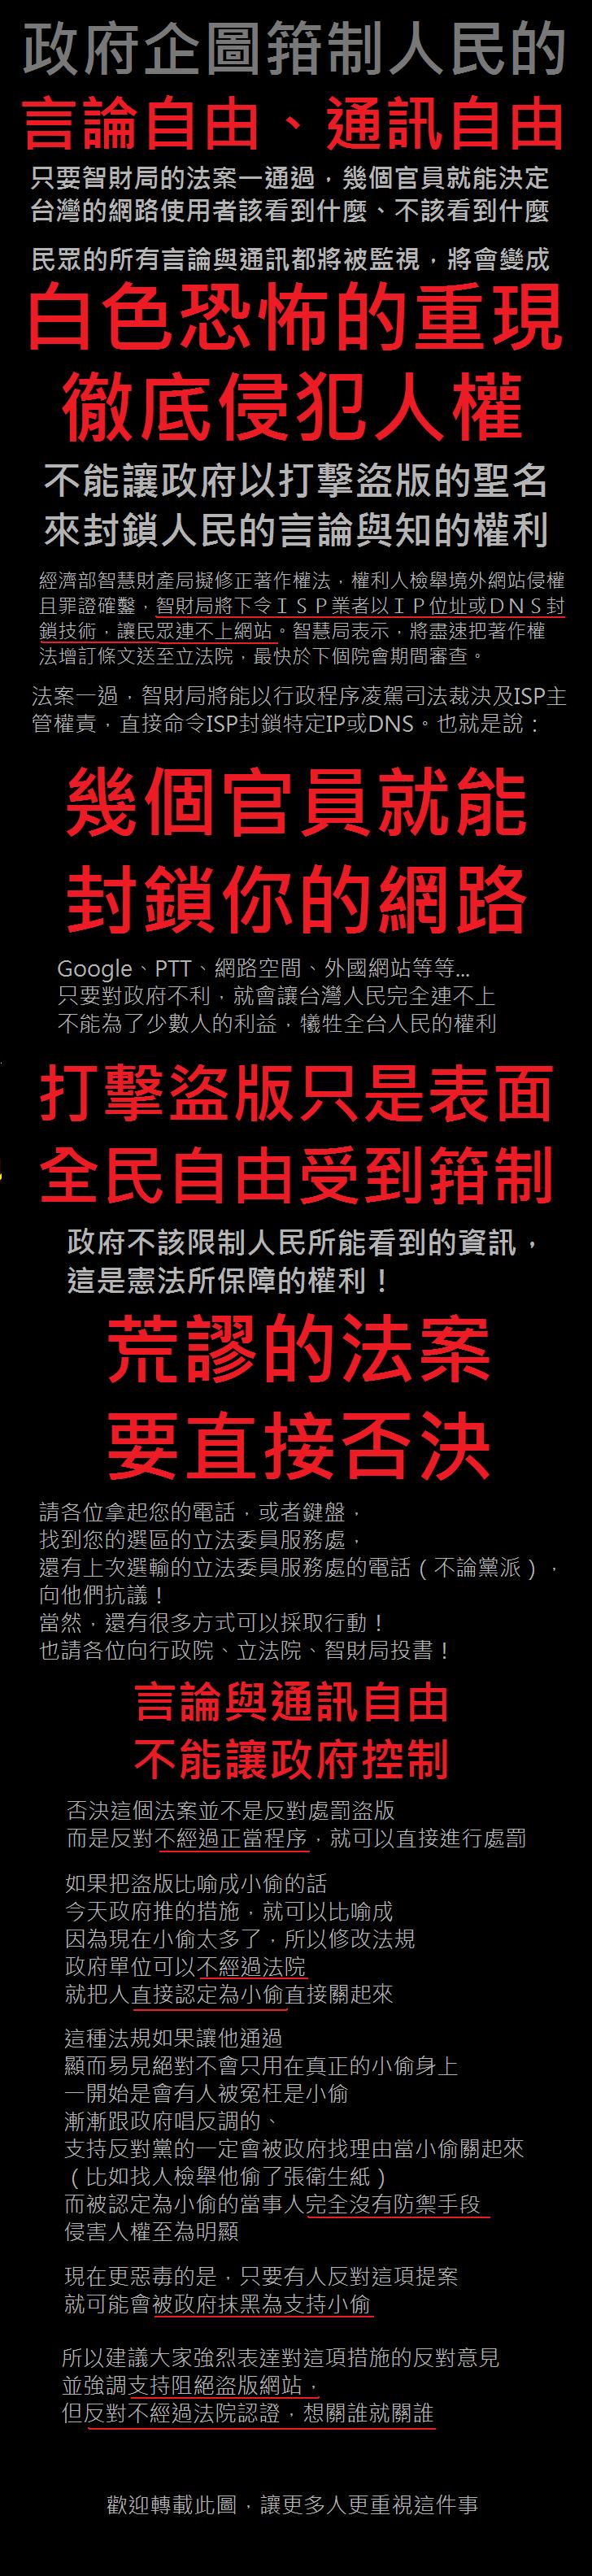 要是臺灣網路被封鎖...